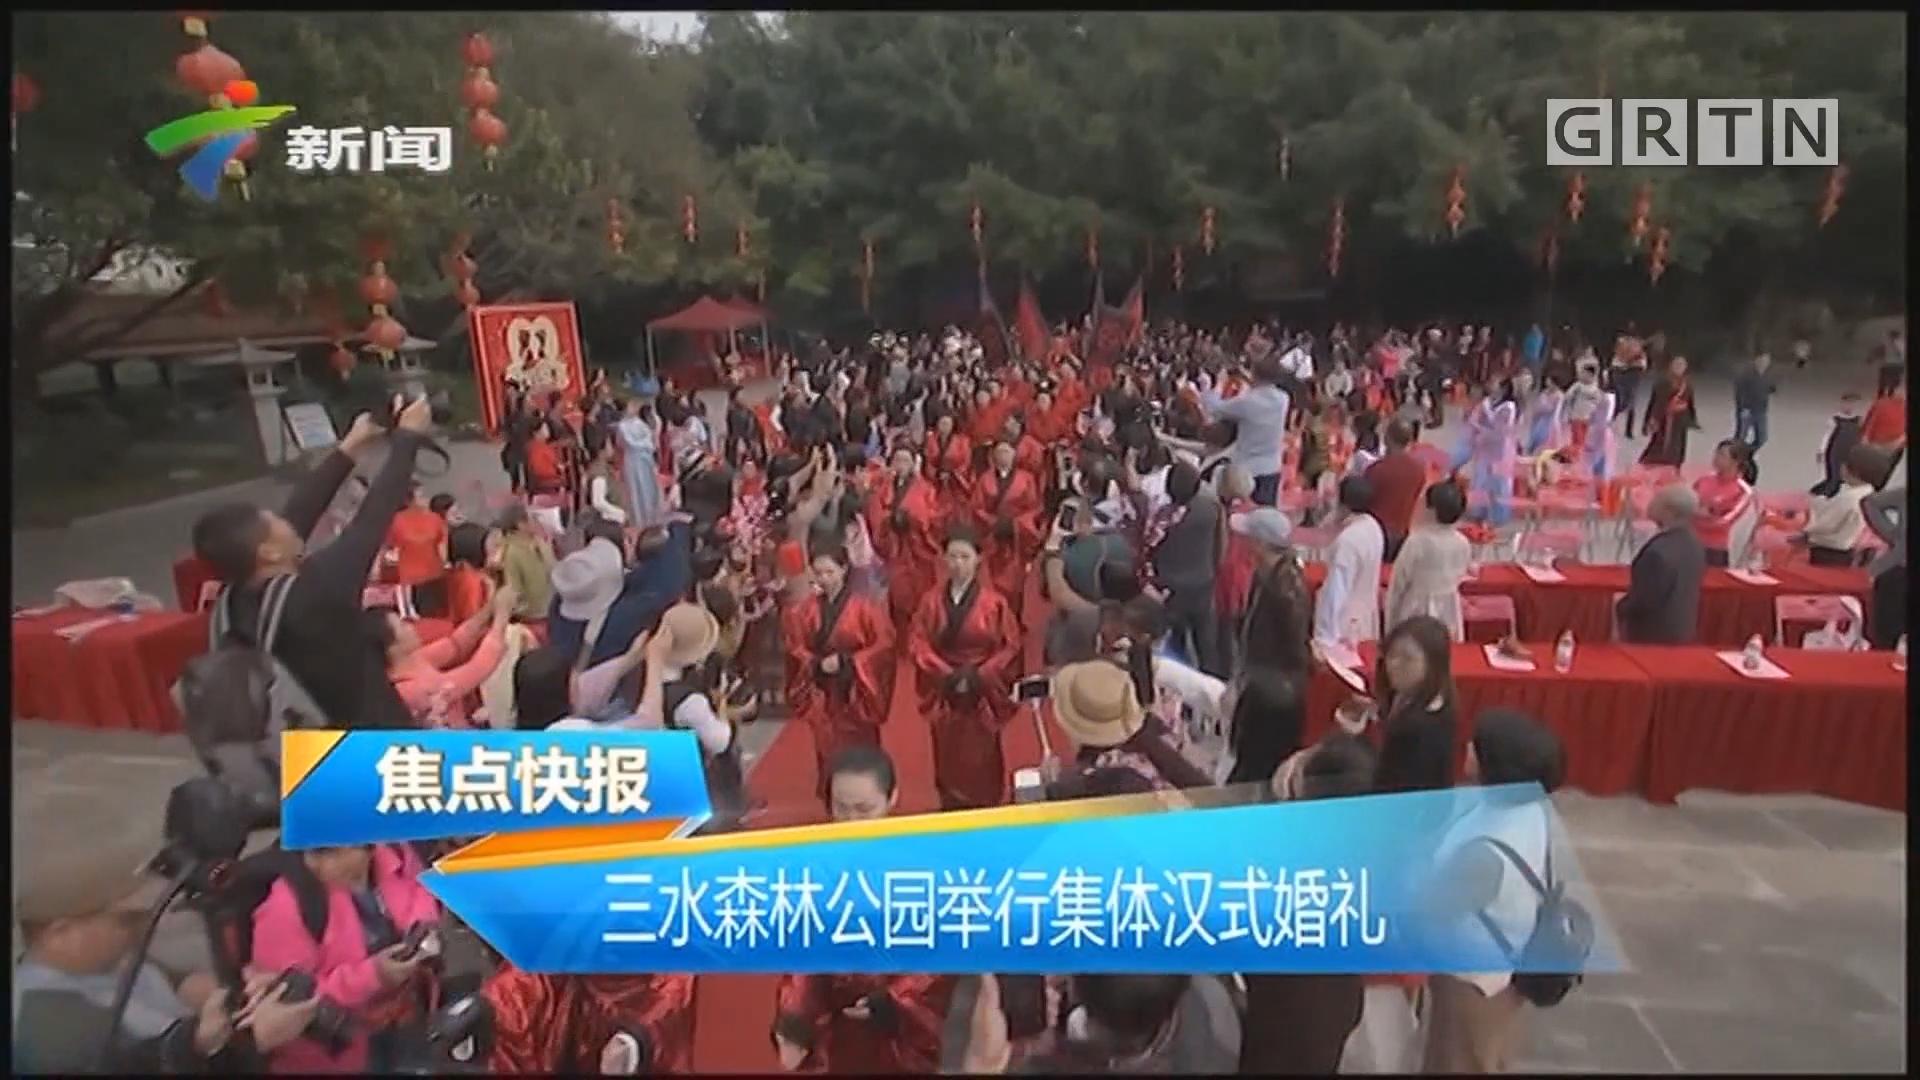 三水森林公园举行集体汉式婚礼